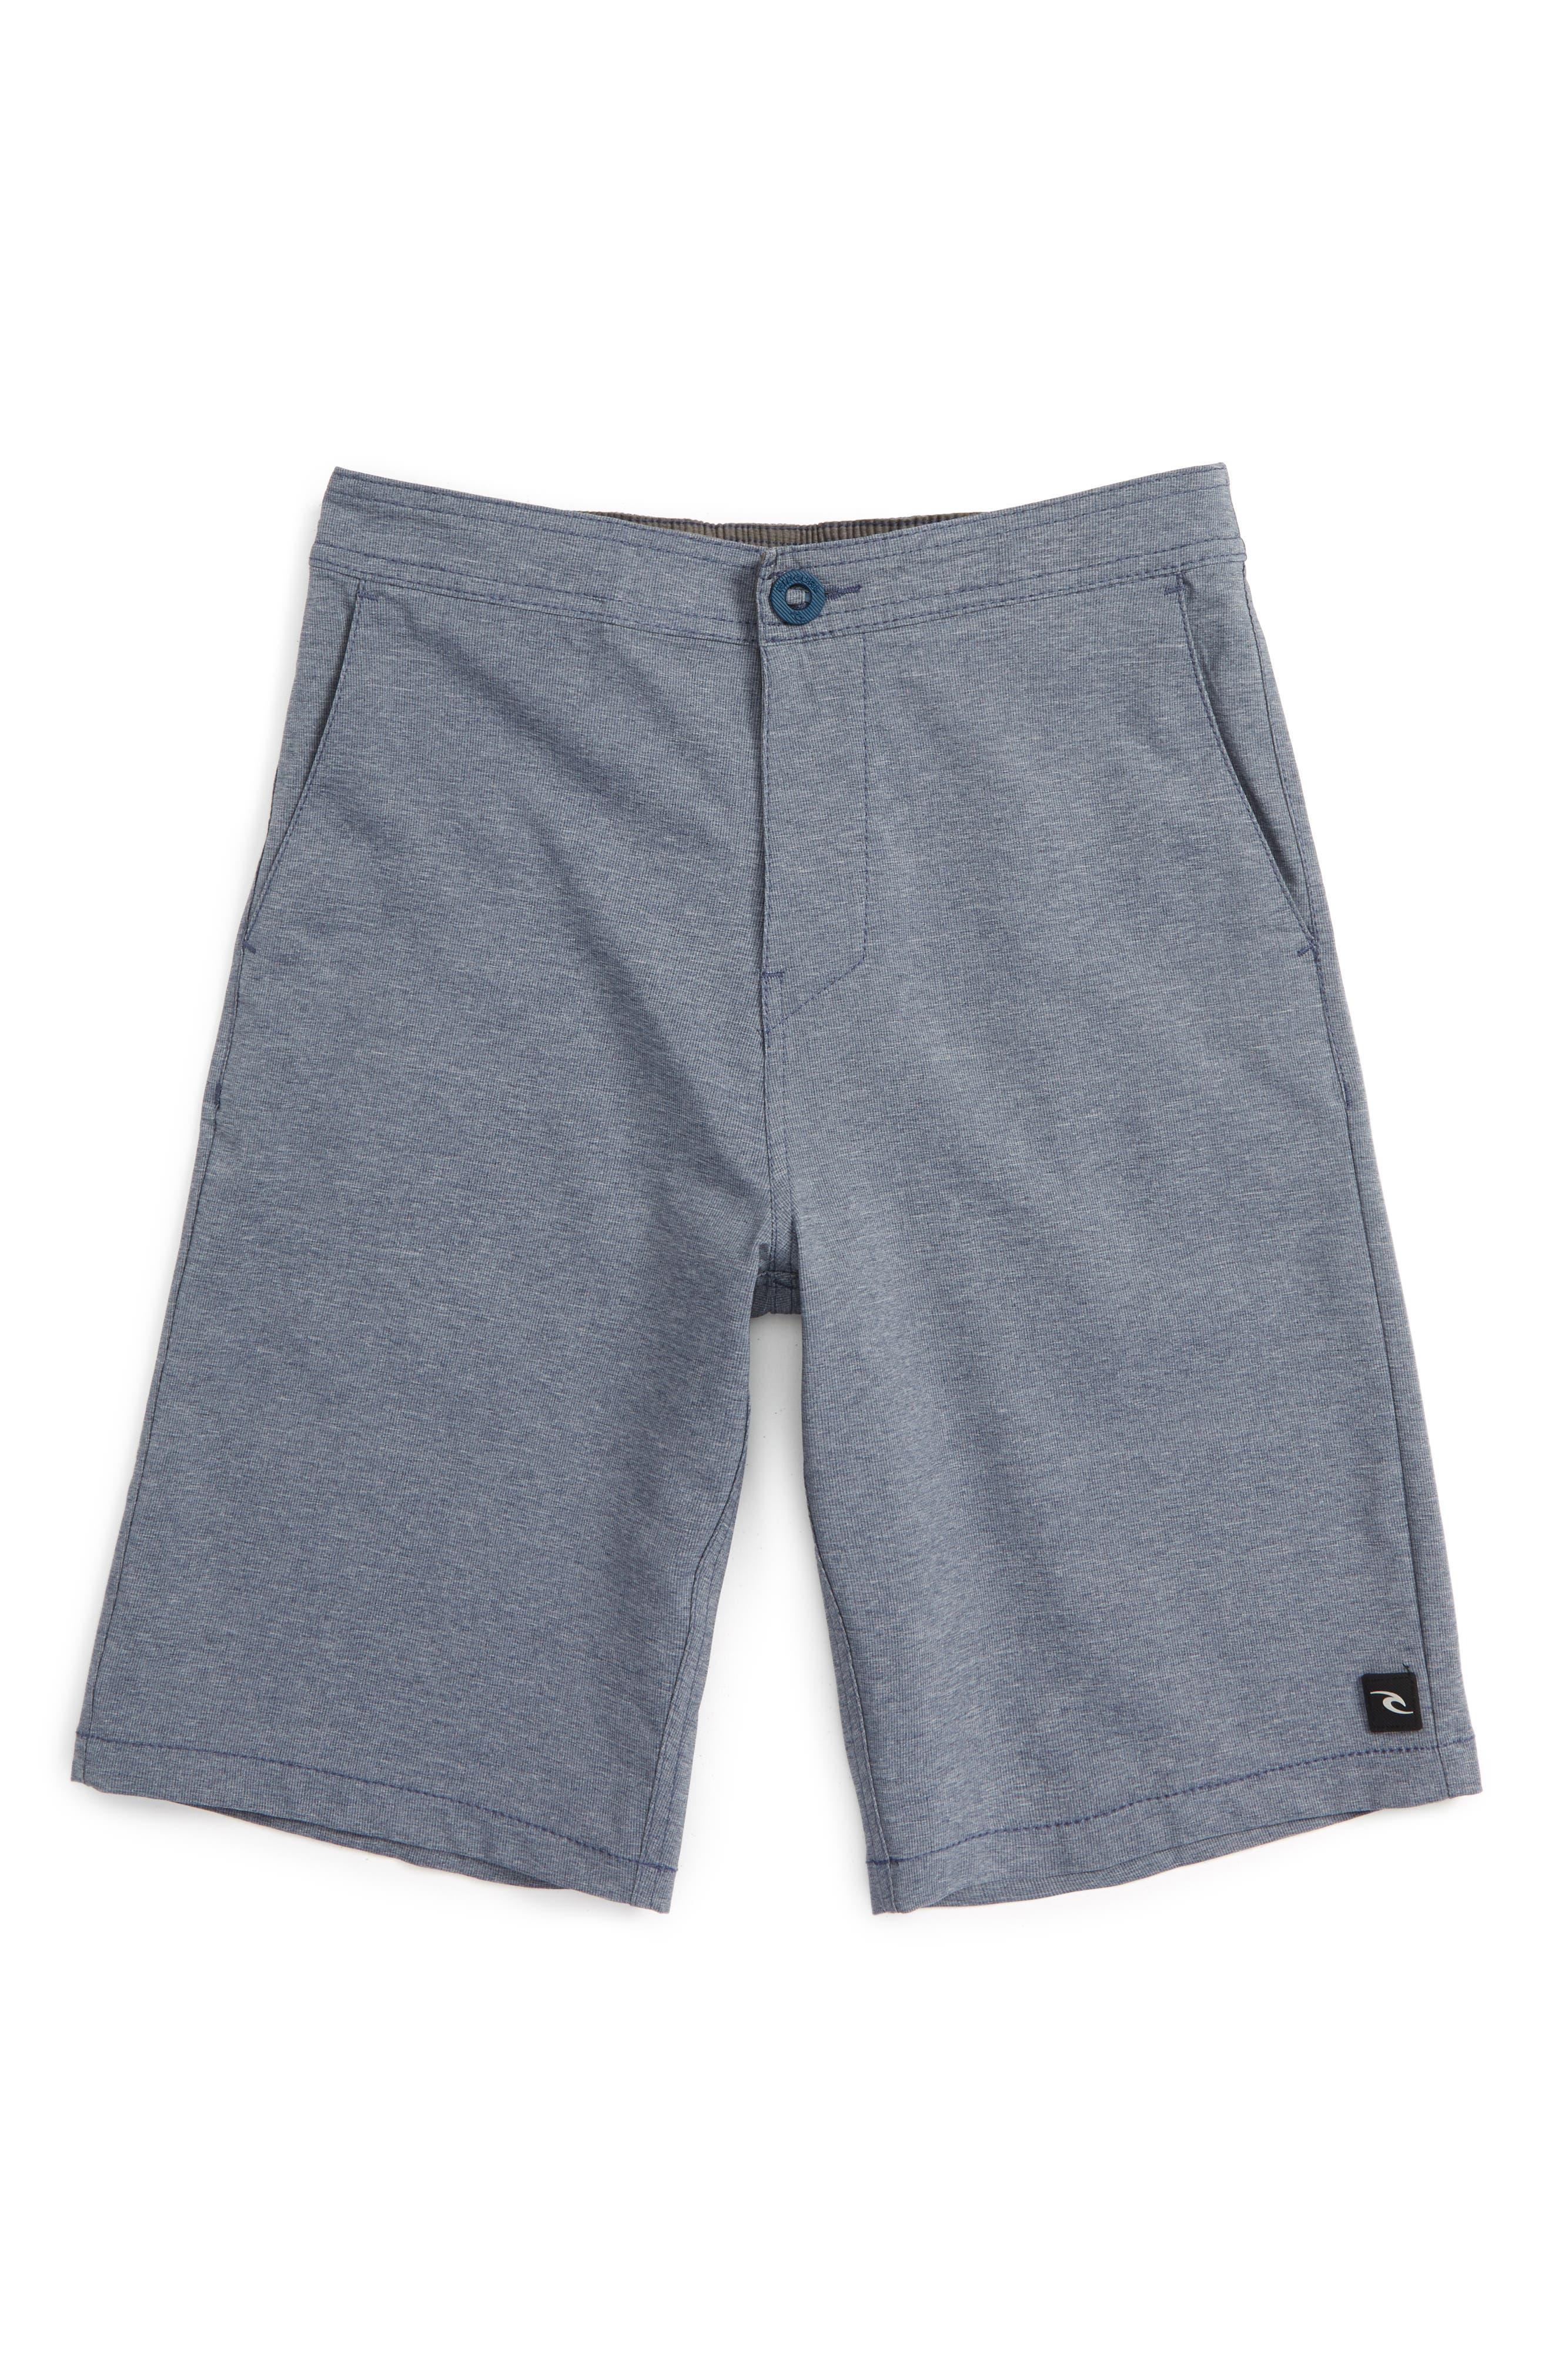 Omaha Hybrid Board Shorts,                         Main,                         color, Navy